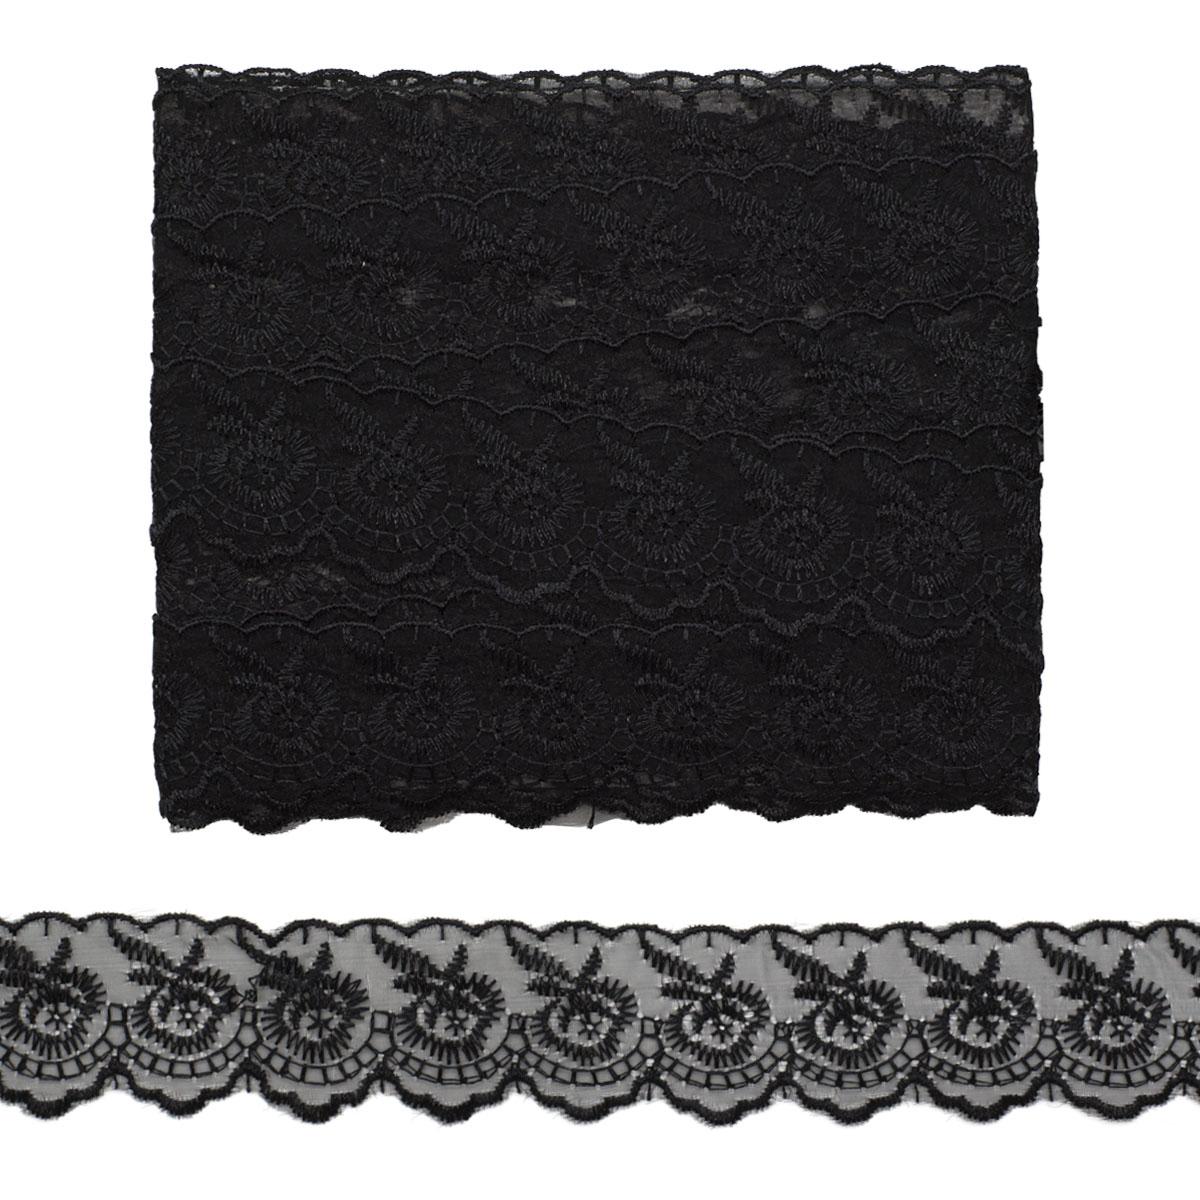 Кружево капрон 4,5см*6,8 м (+/- 4 см) 0574-2020, черный